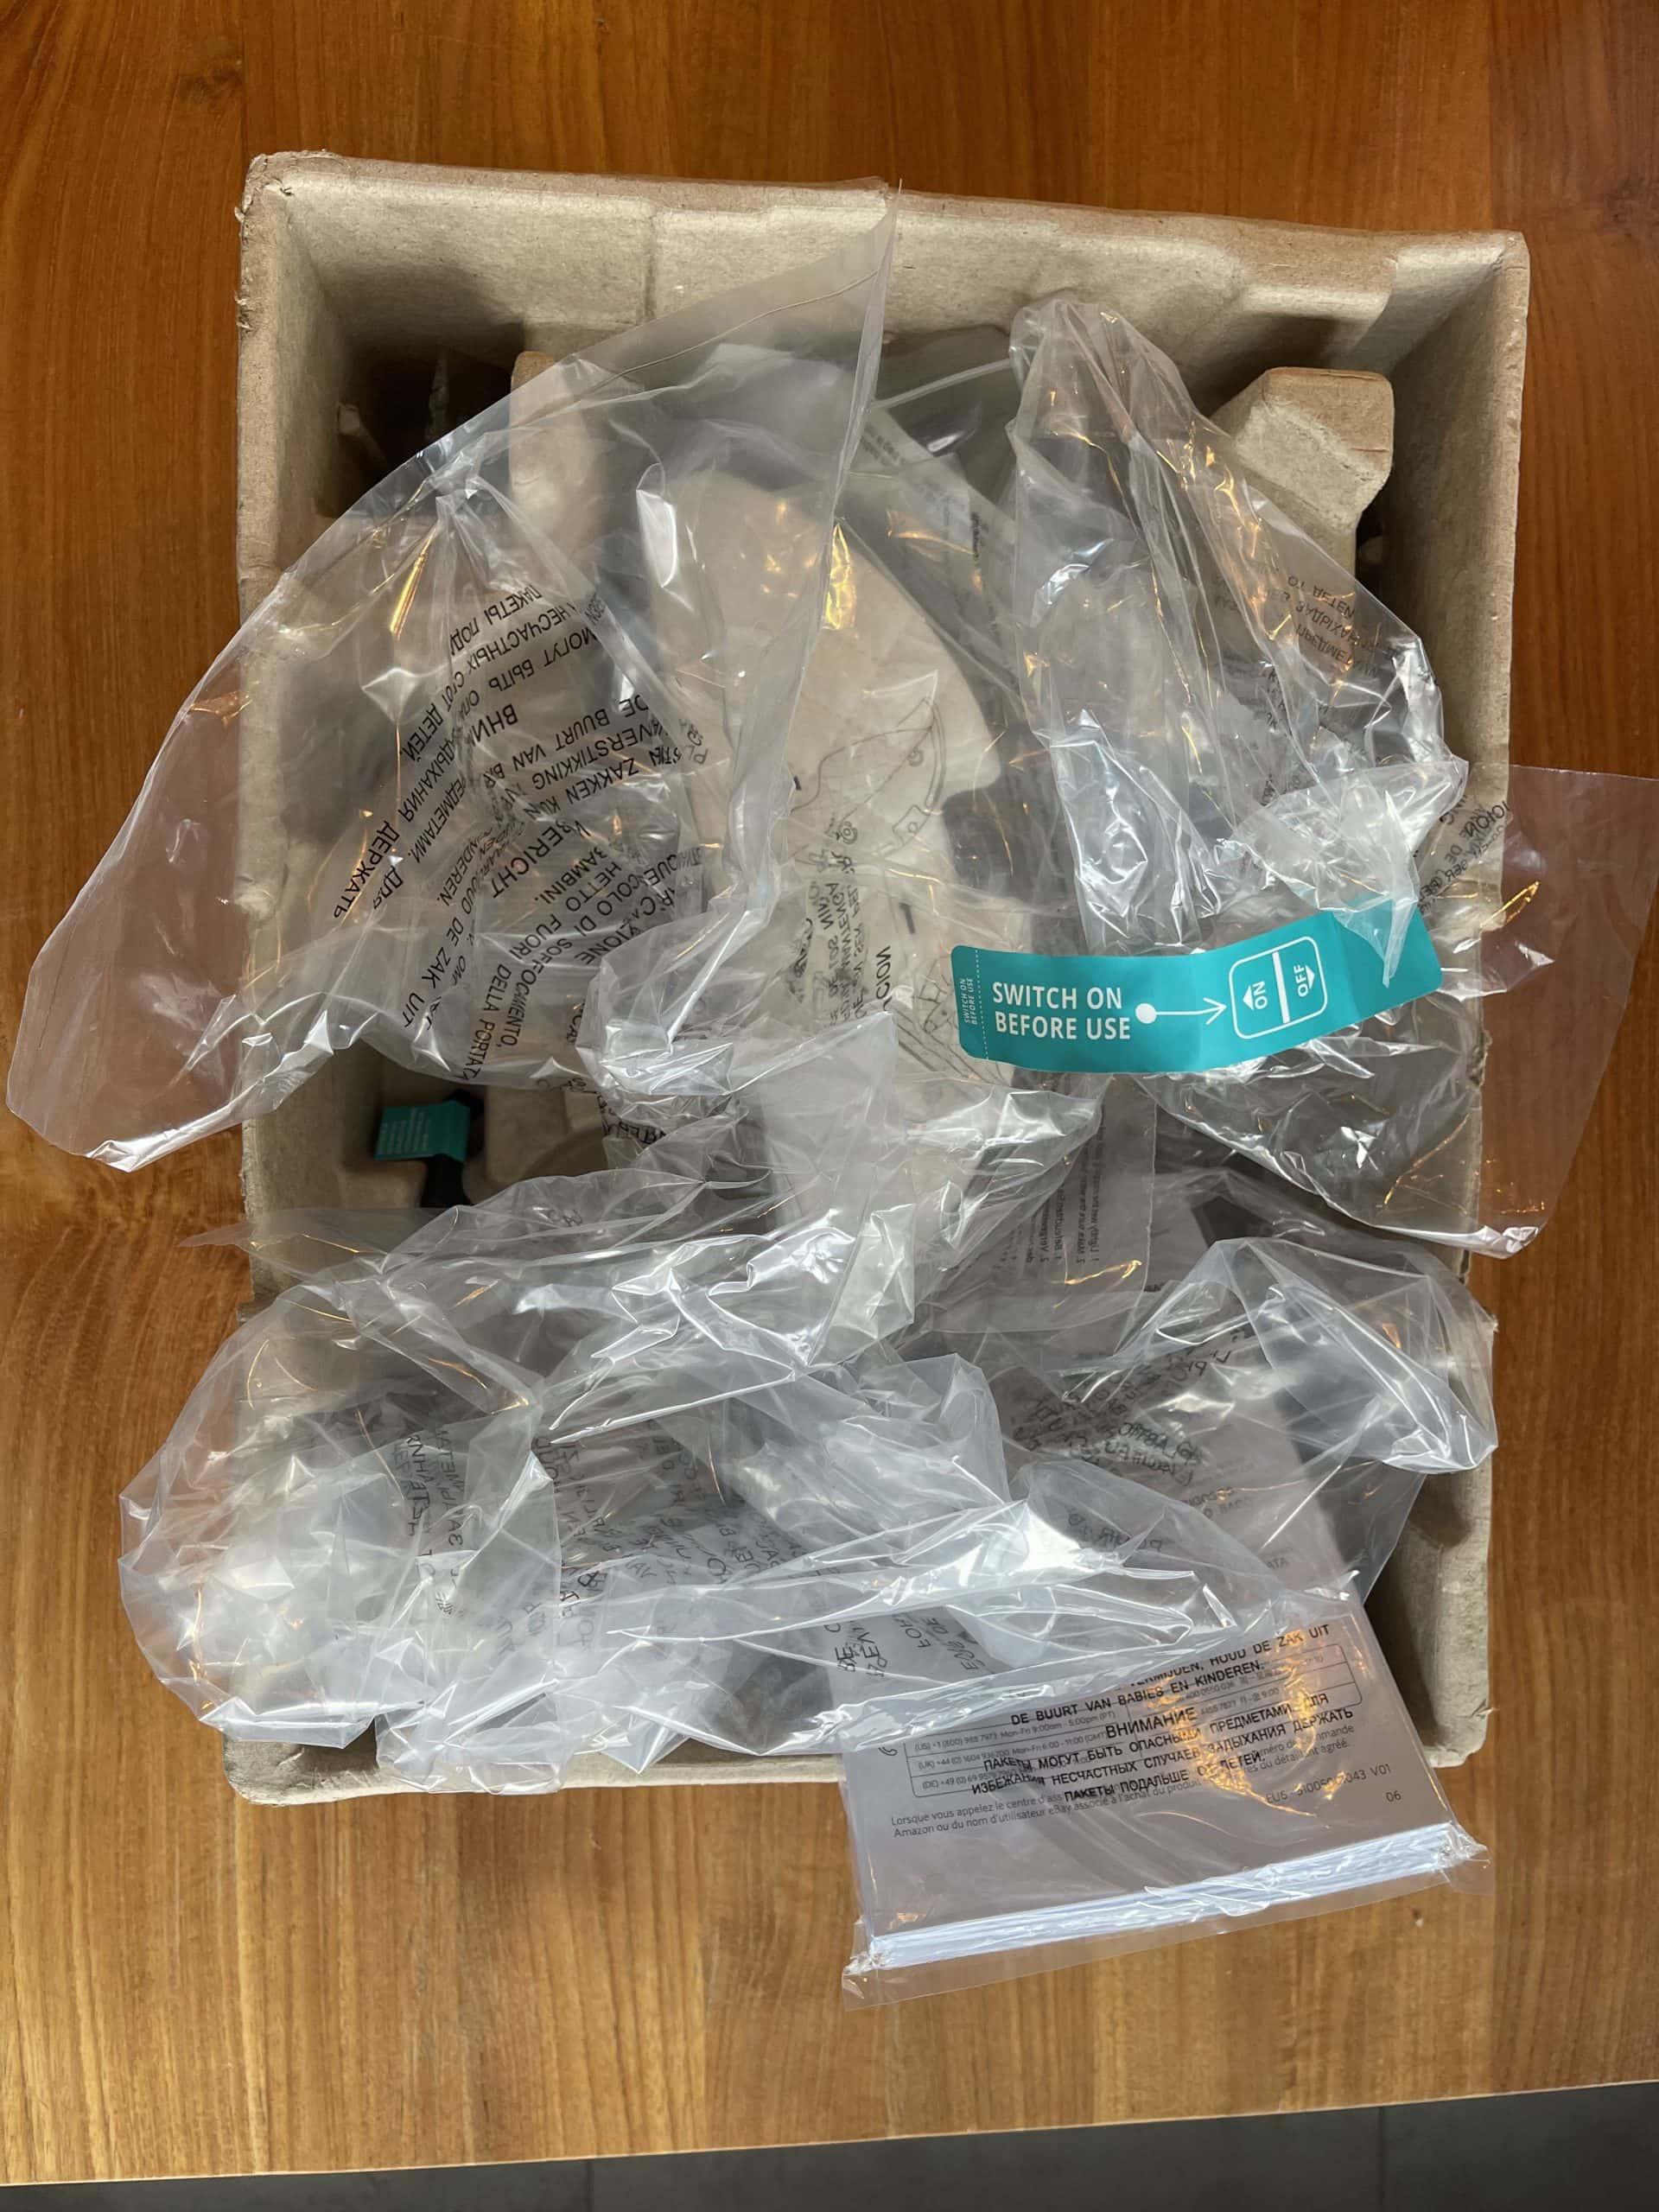 Verpackungsmüll beim Euvy Saugroboter